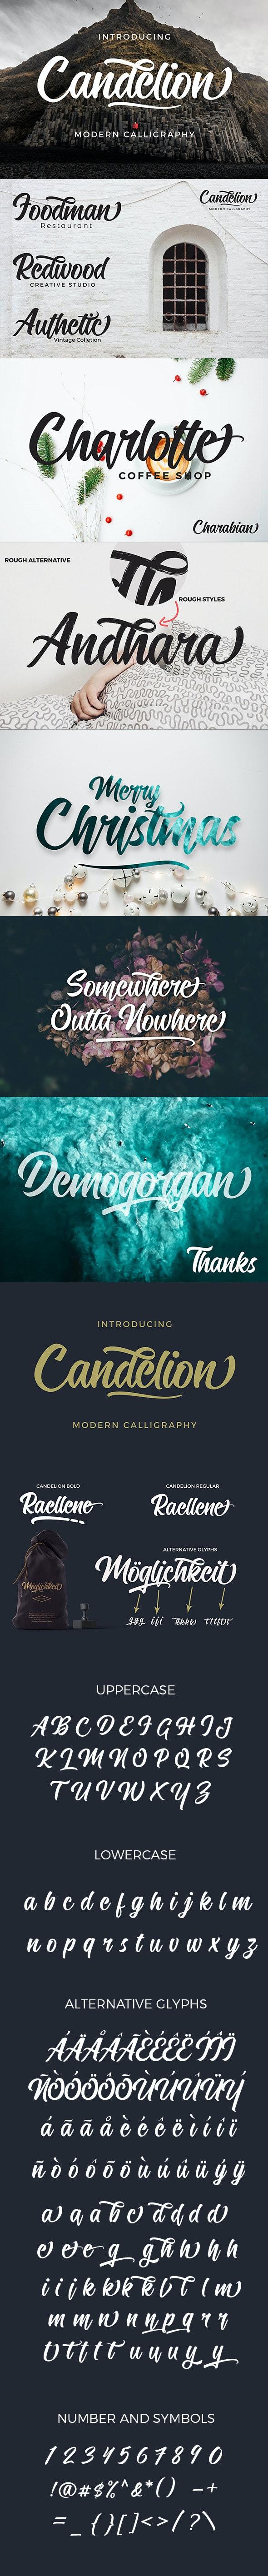 Candelion Script Font - Script Fonts